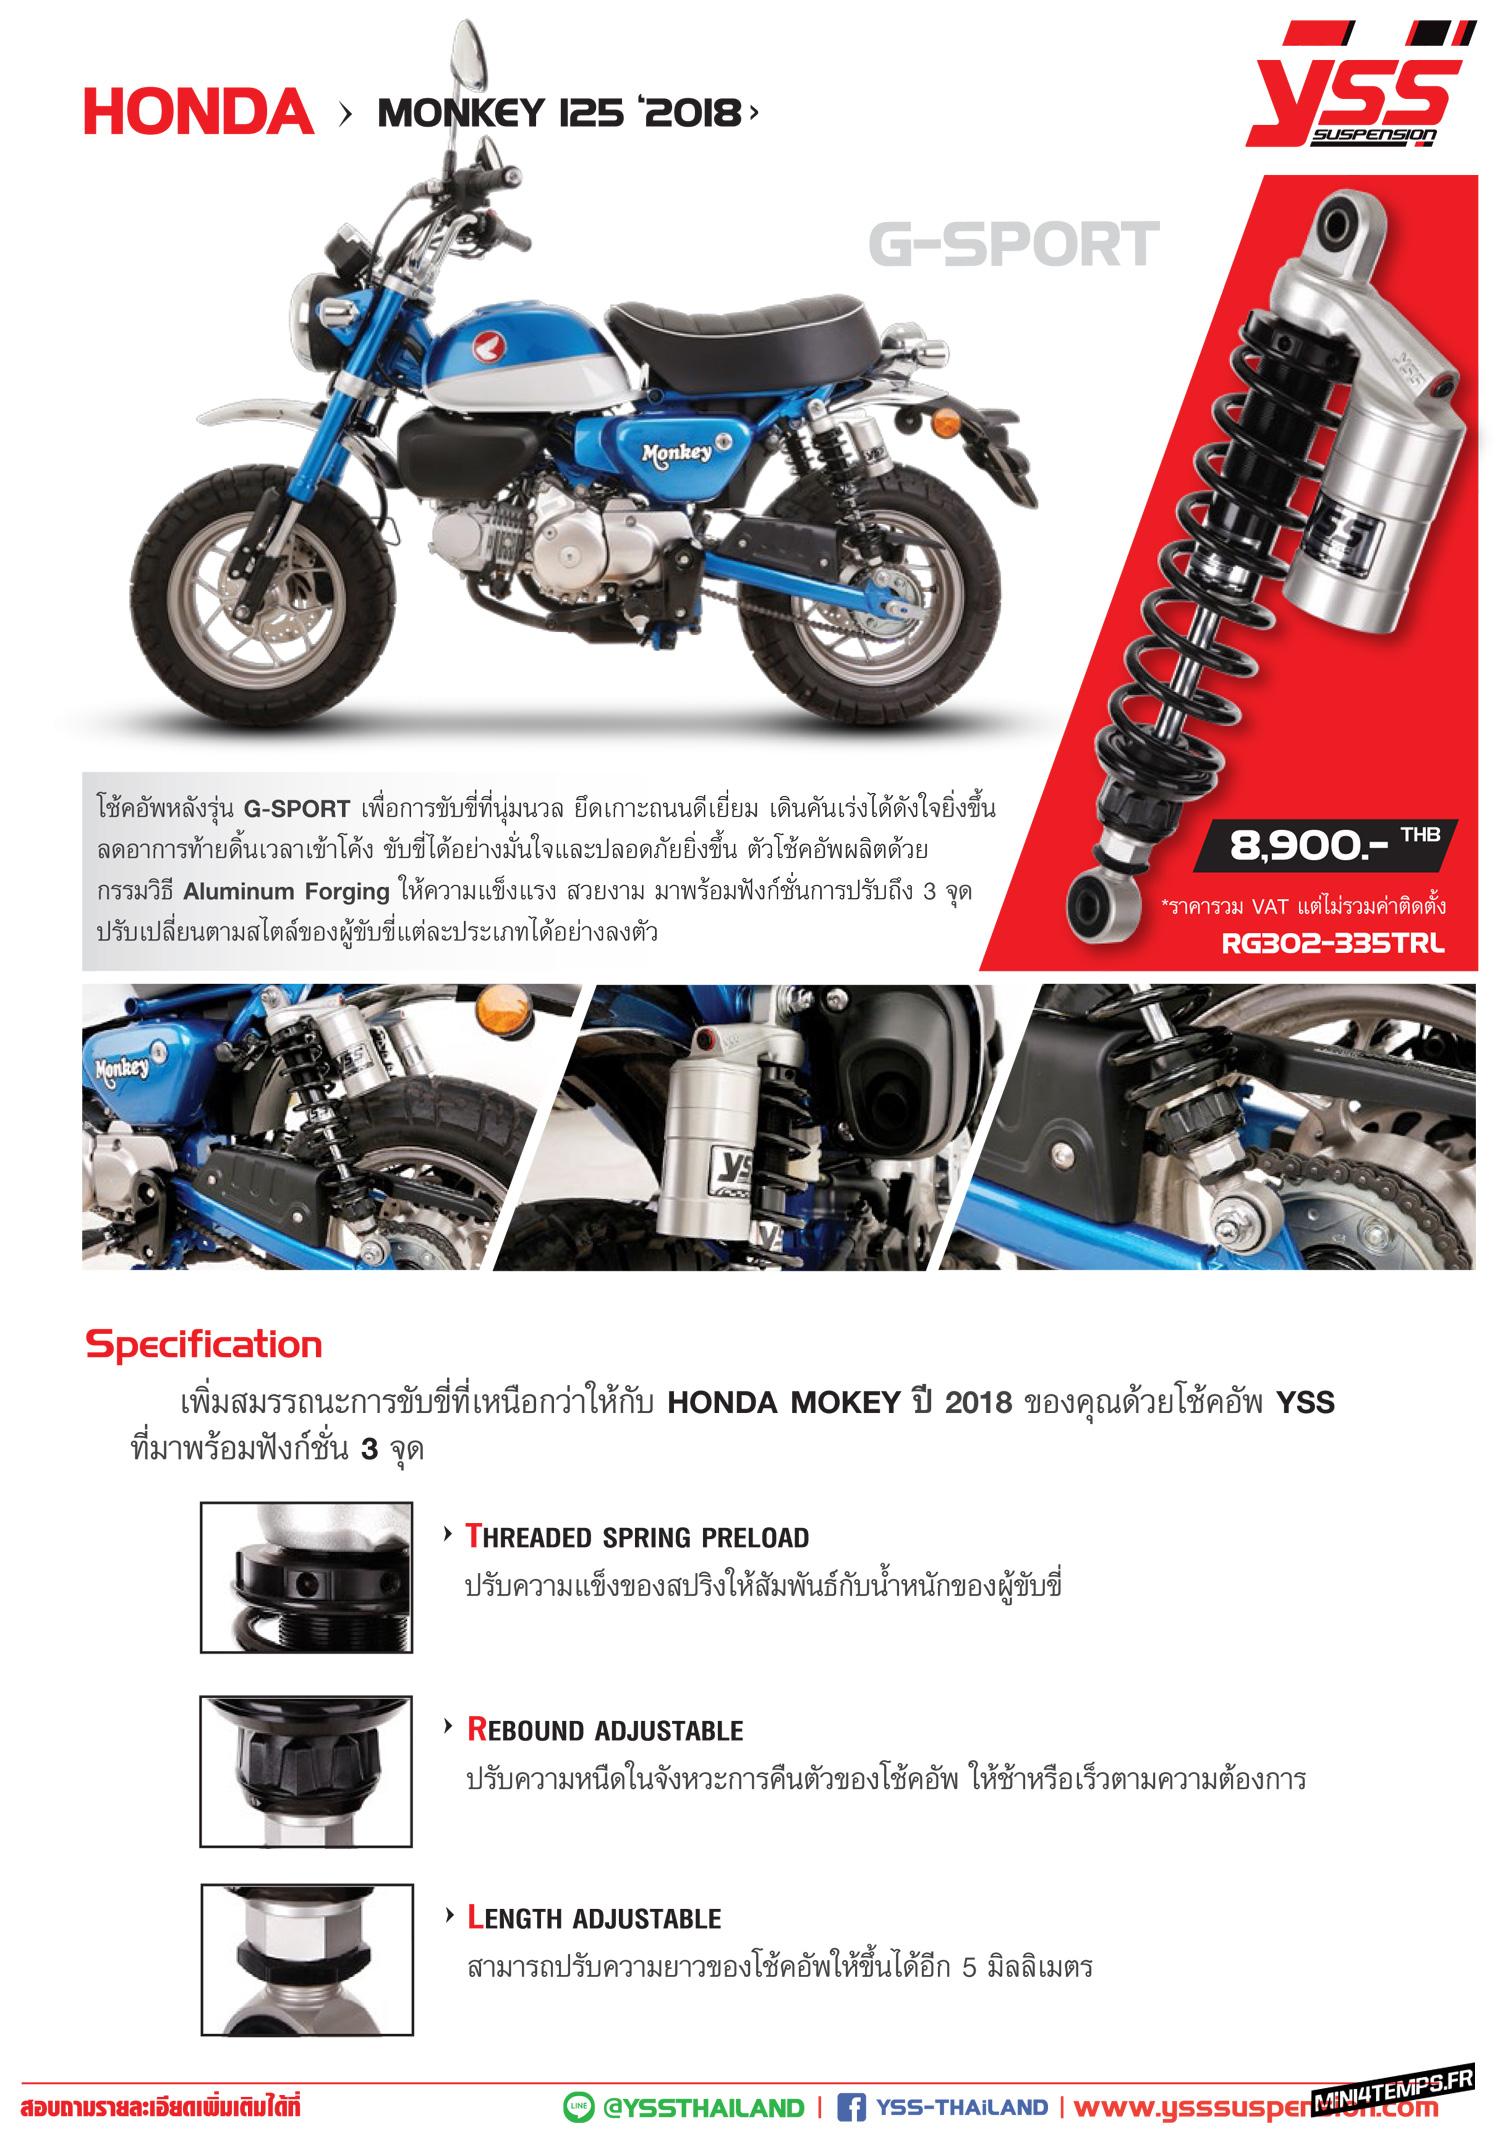 Des amortisseurs YSS pour le Honda Monkey 125 2018 - mini4temps.fr